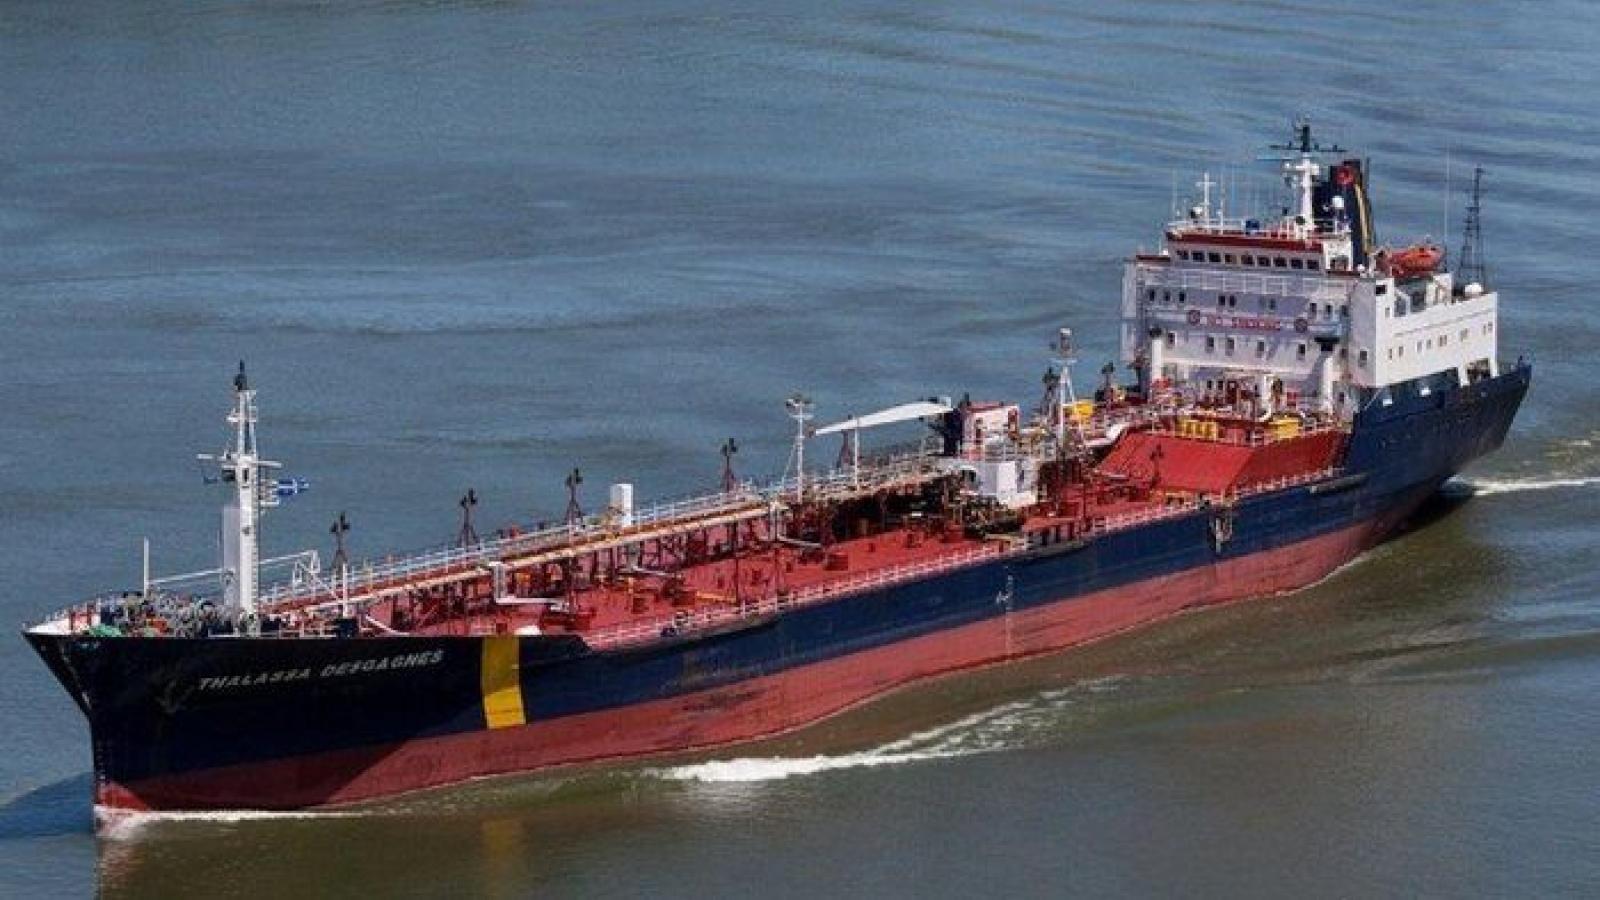 Thêm vụ tàu chở dầu bị cướp ngoài khơi UAE, Iran lại đứng trước mũi sào chỉ trích